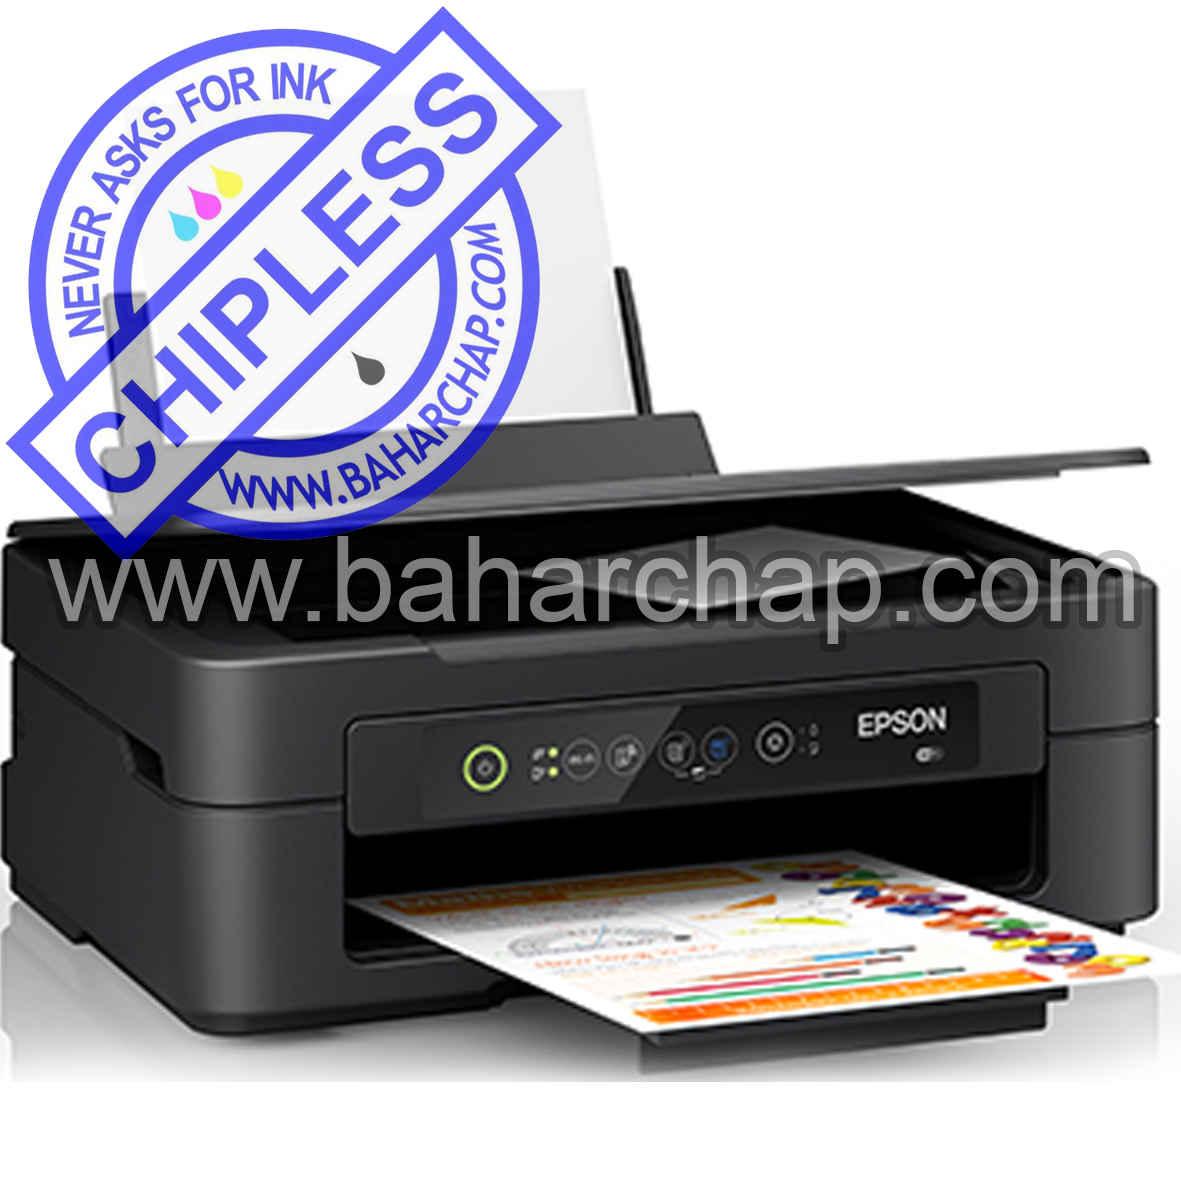 فروشگاه و خدمات اینترنتی بهارچاپ اصفهان-بدون چیپ کردن اپسون XP2101-epson XP2101chipless firmware